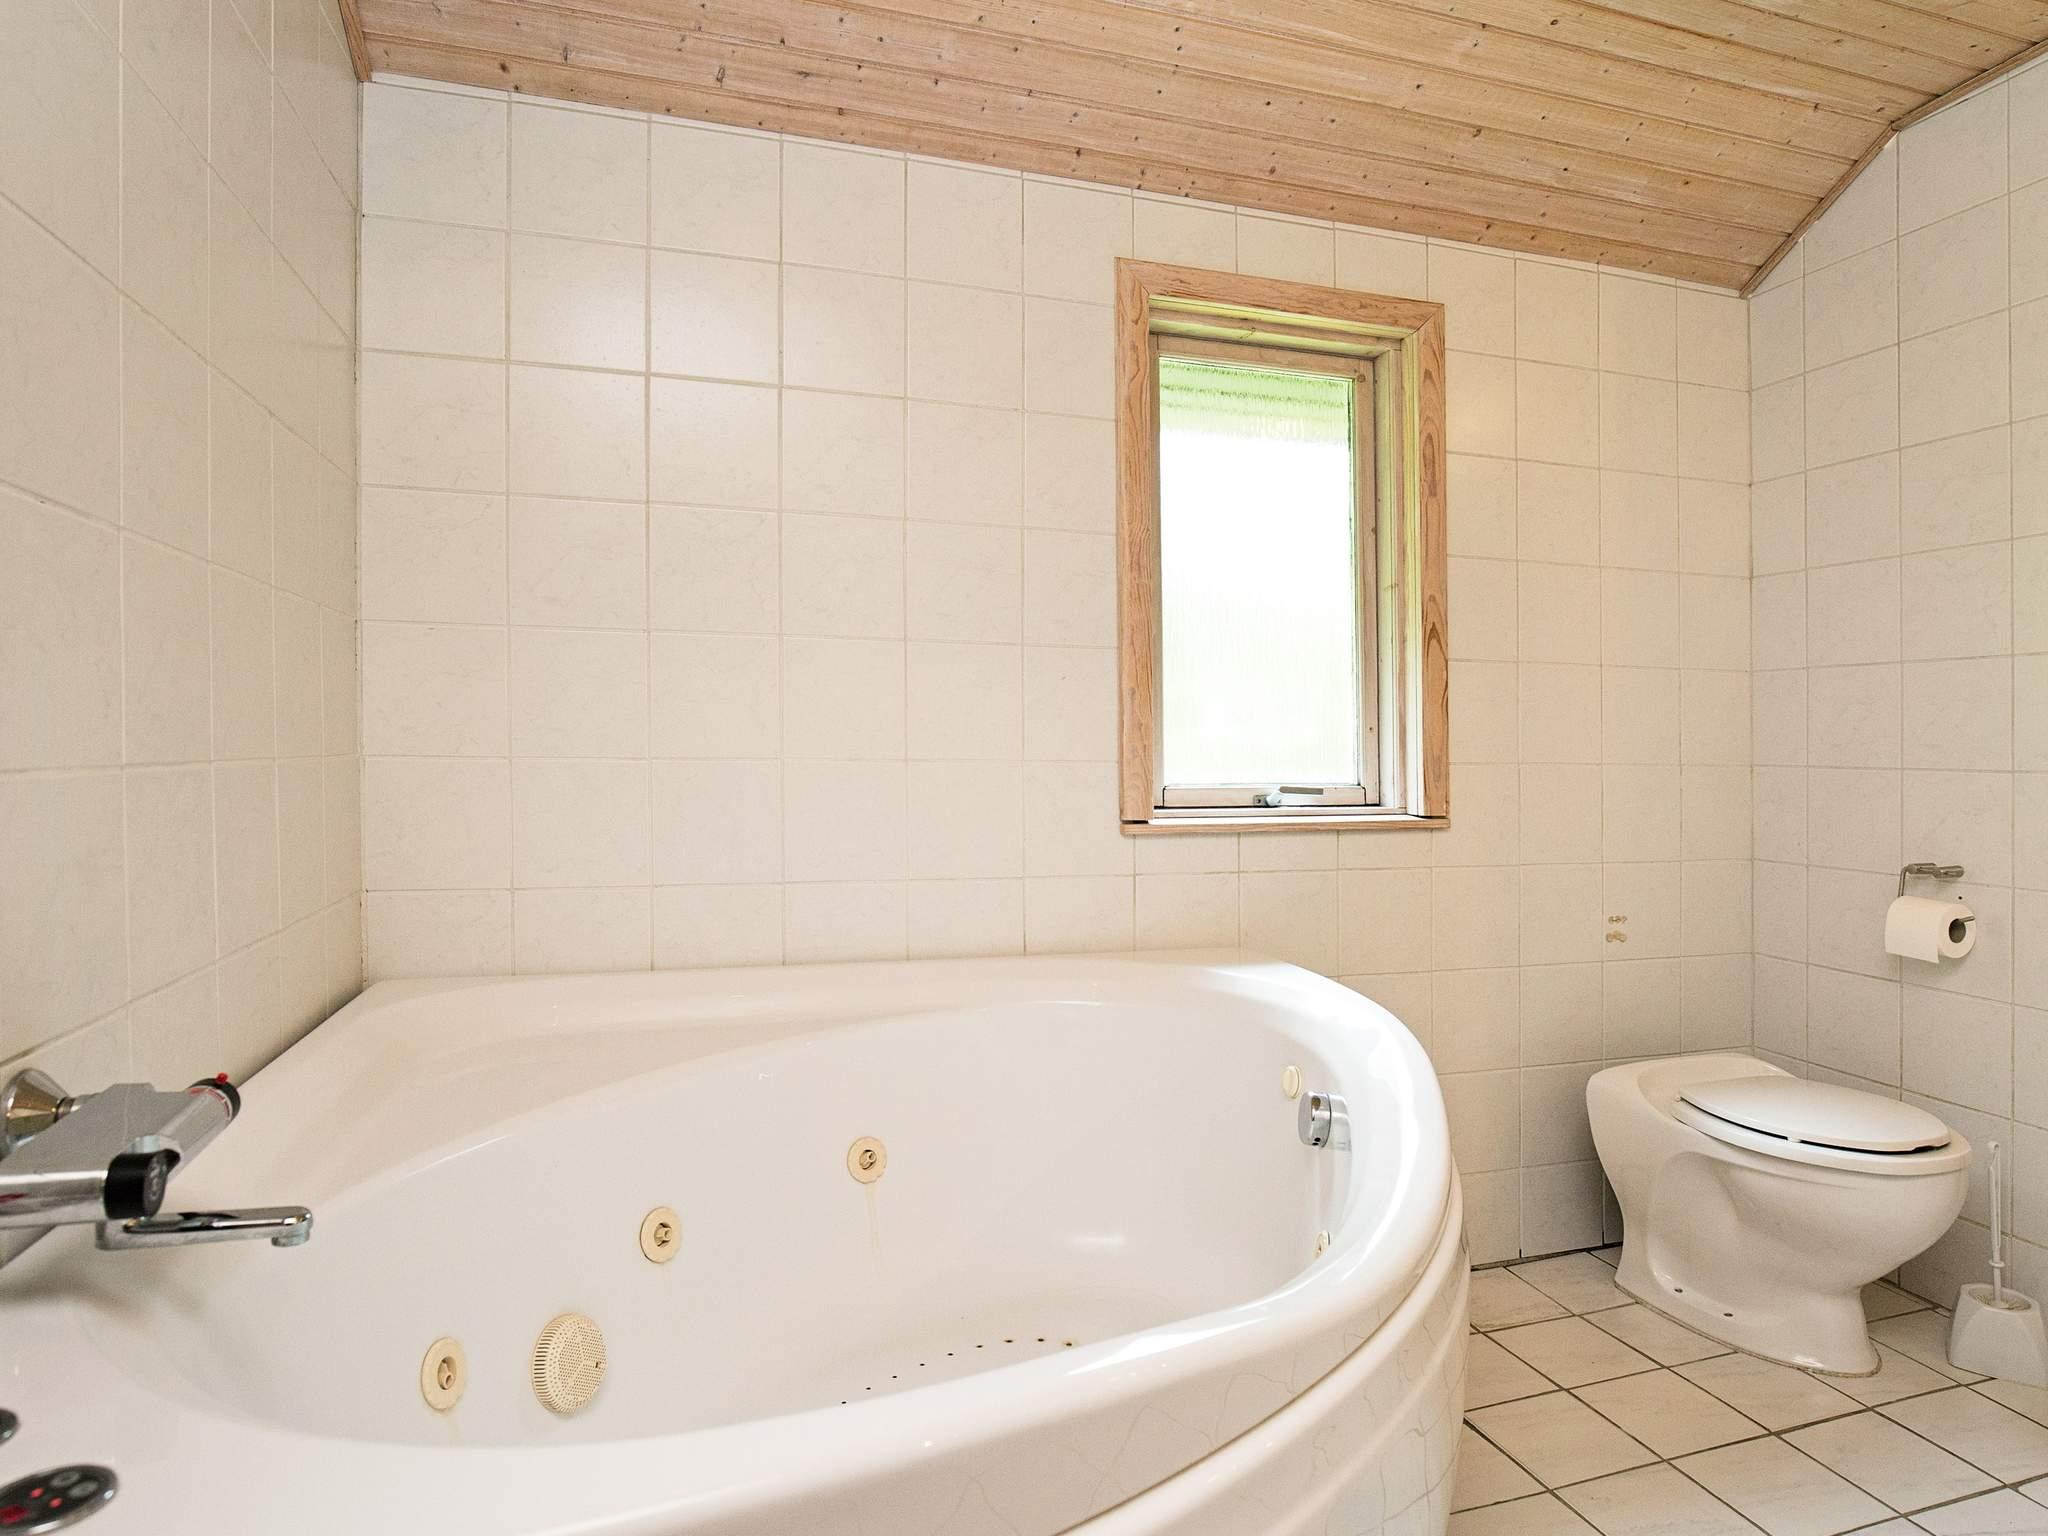 Ferienhaus Hummingen (84295), Hummingen, , Lolland, Dänemark, Bild 27